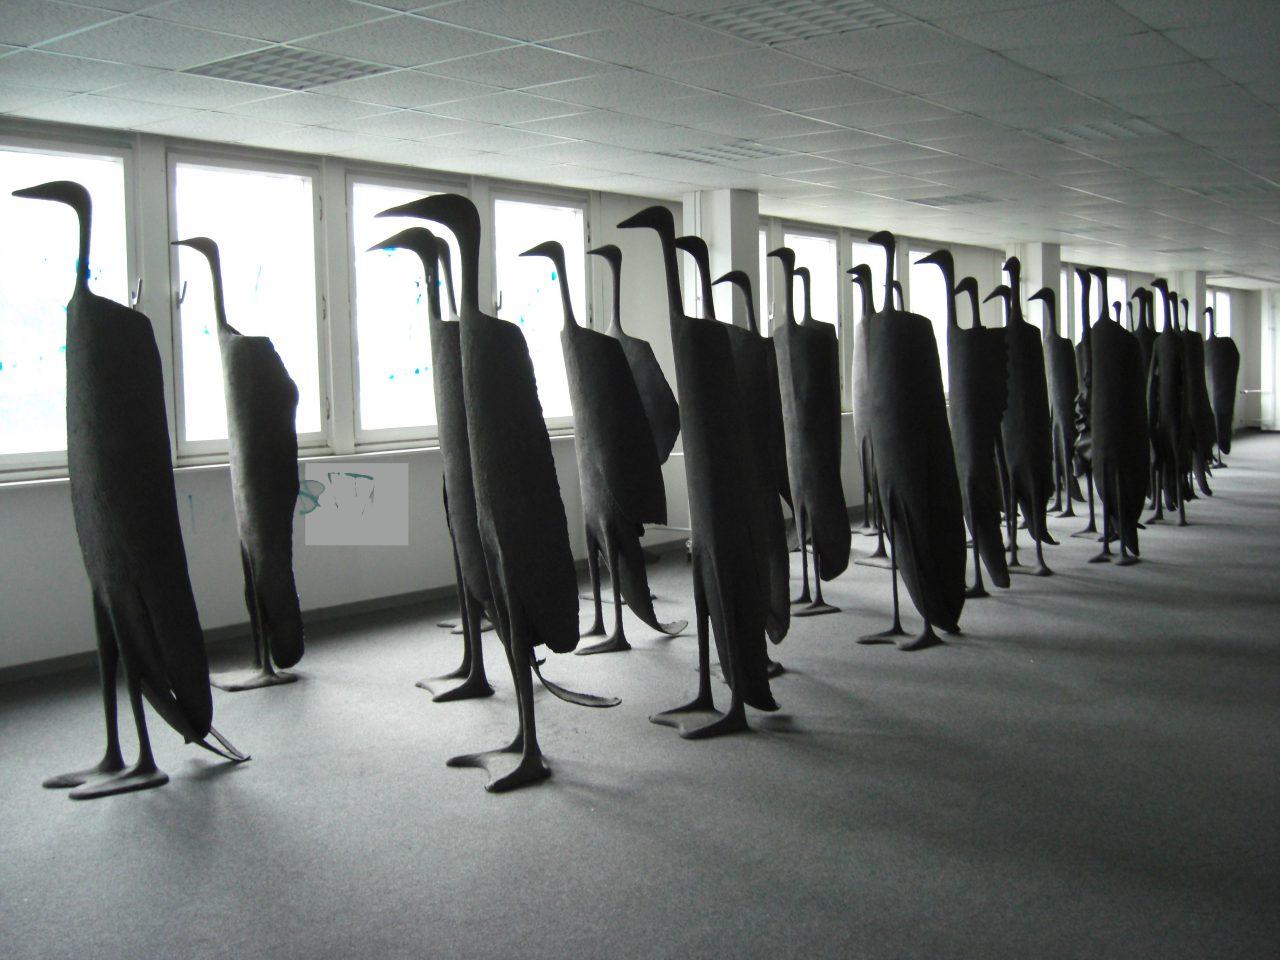 30 große Vögel in einer Ausstellung